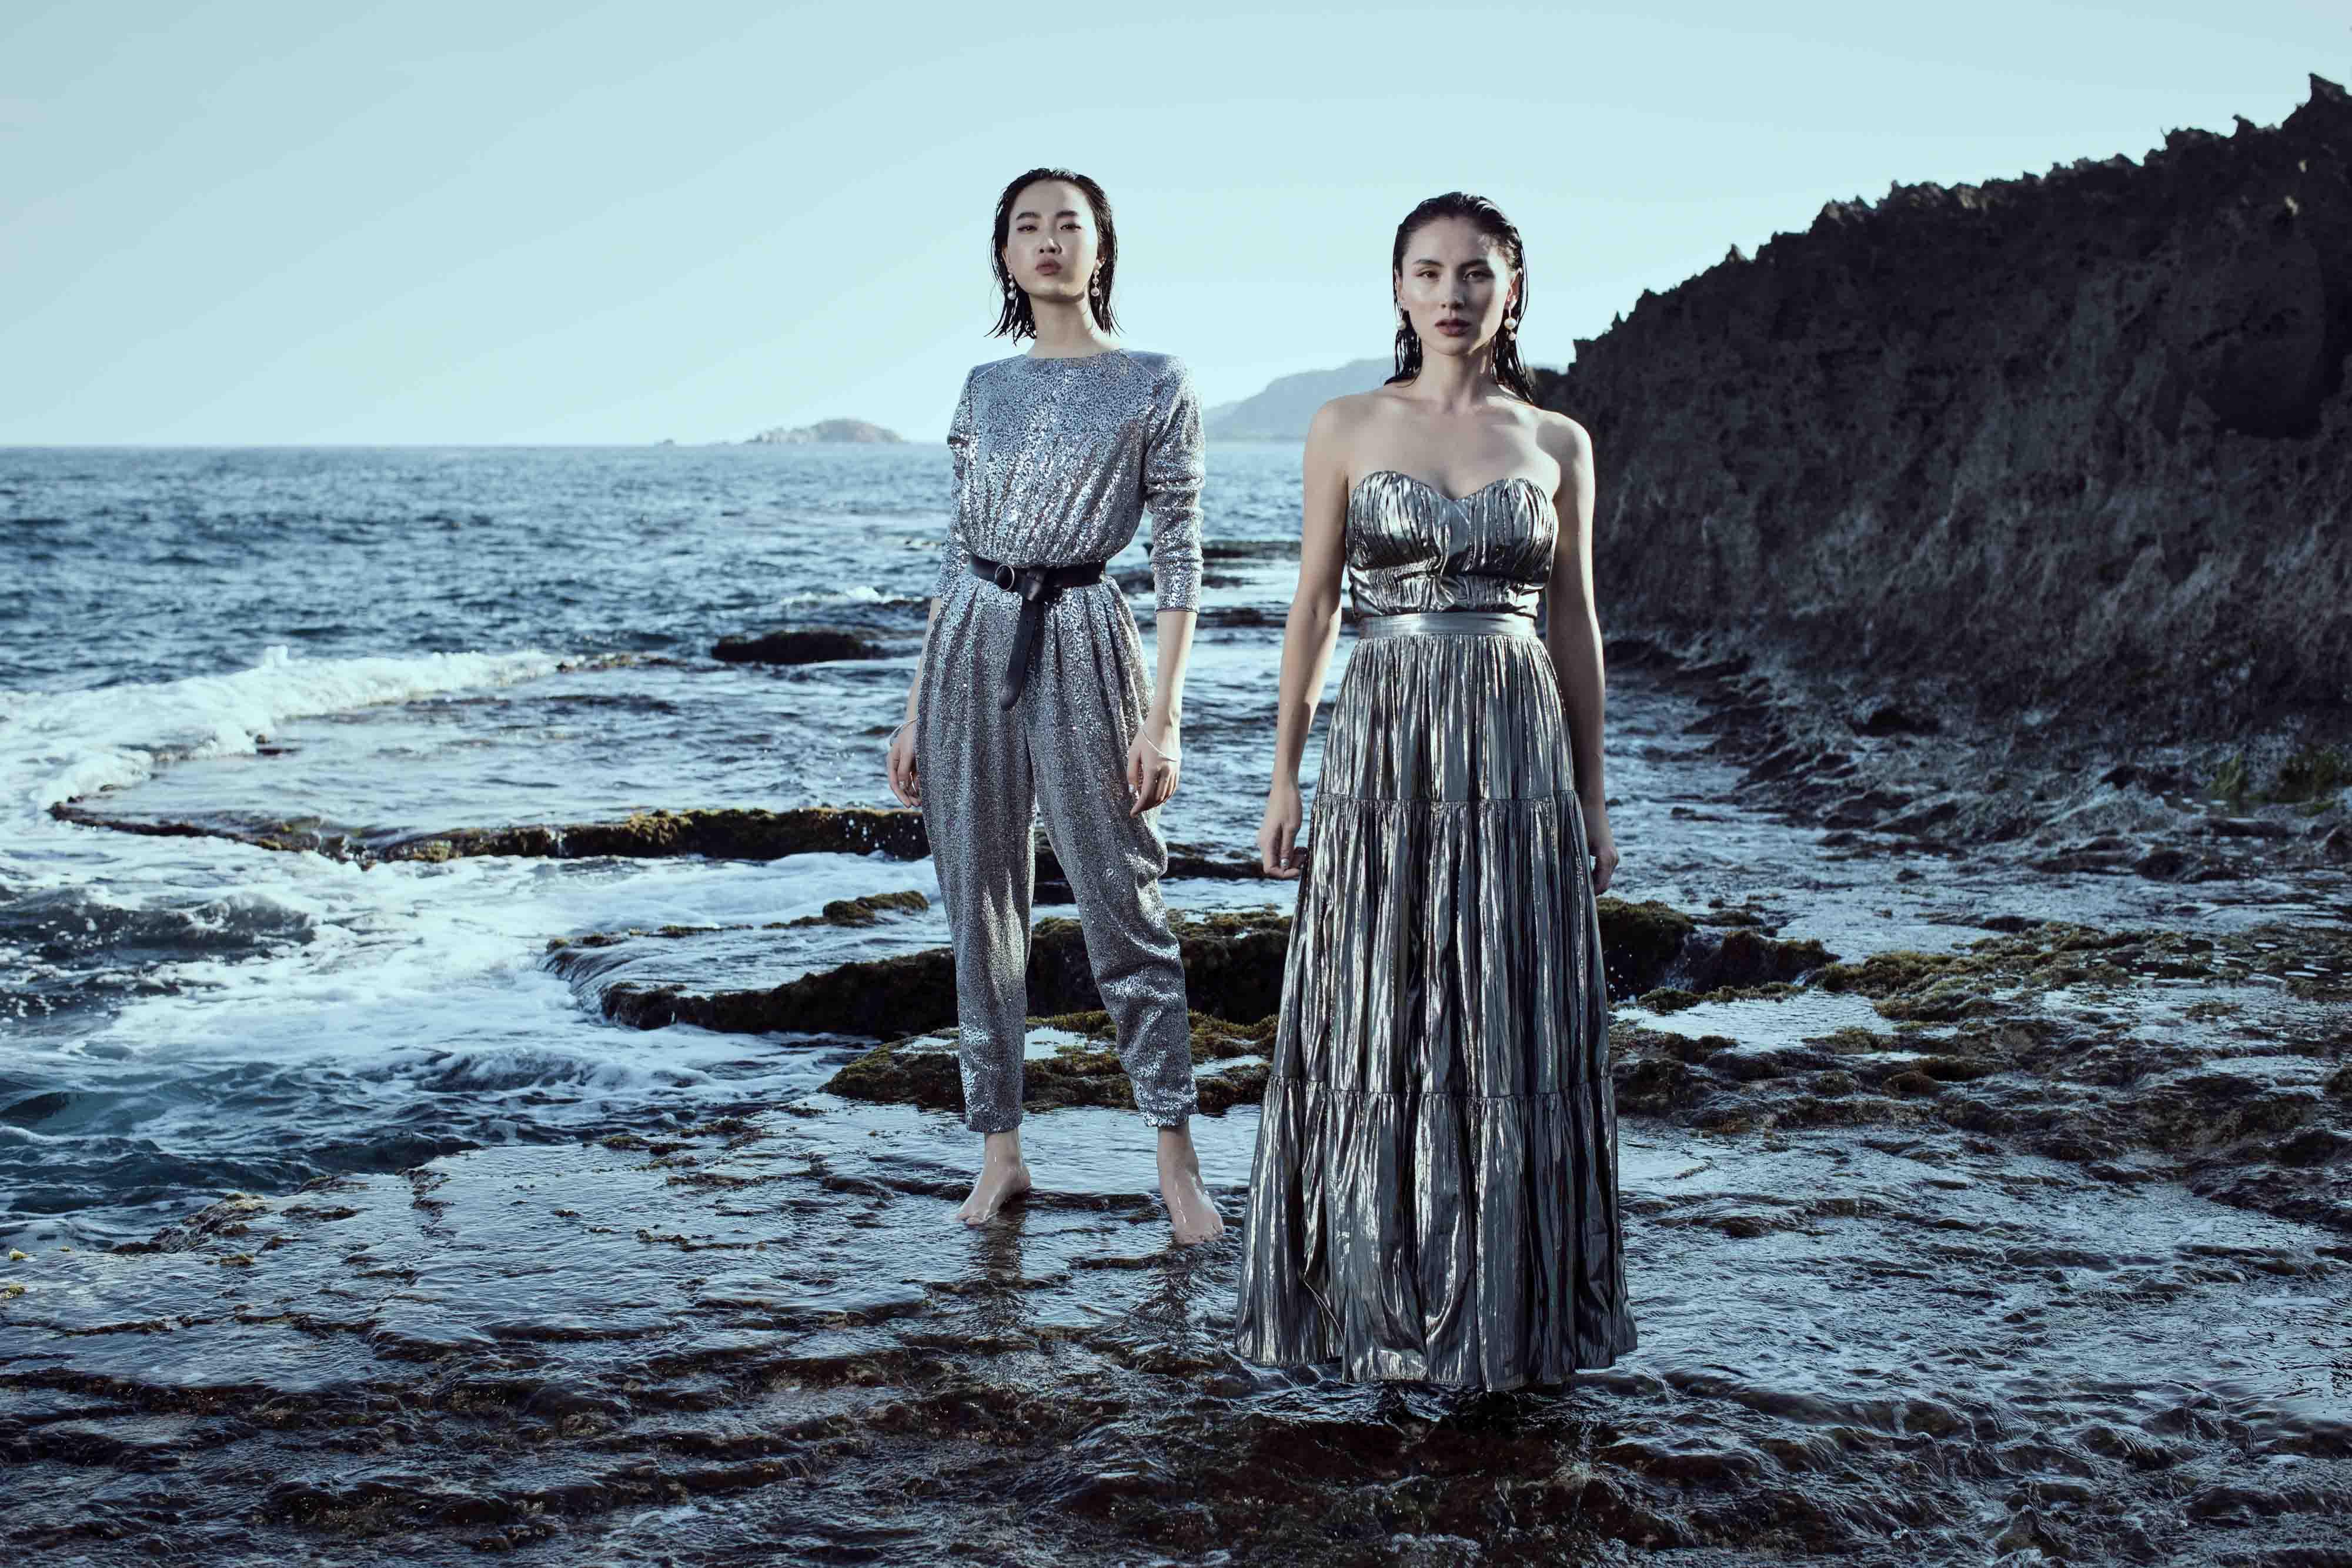 """Việt Nam ở đâu khi """"vải nước"""" chiếm đảo làng thời trang thế giới?"""